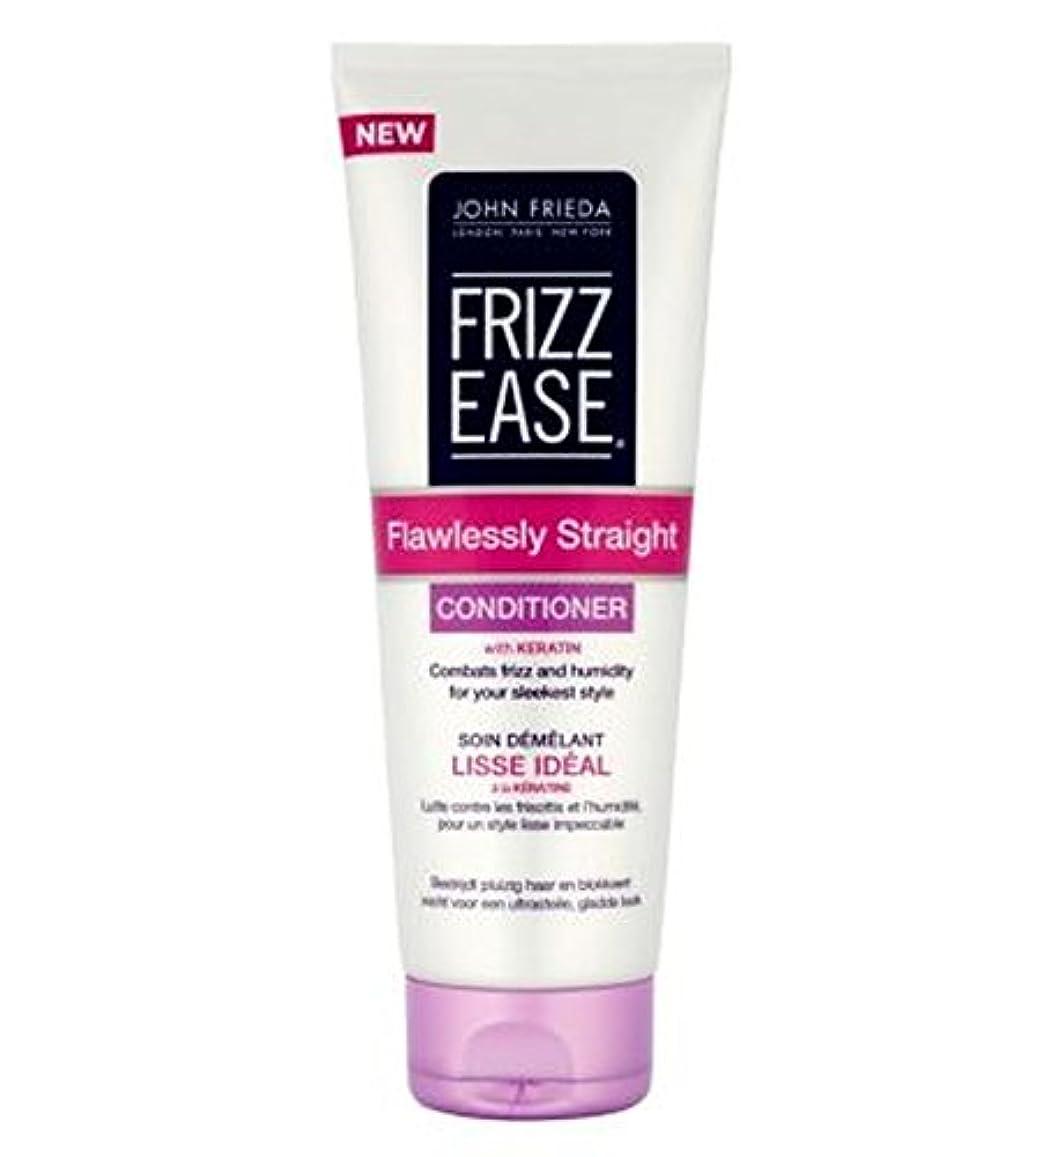 口径バルク論理的ジョン?フリーダ縮れ-容易完璧ストレートコンディショナー250Ml (John Frieda) (x2) - John Frieda Frizz-Ease Flawlessly Straight Conditioner...